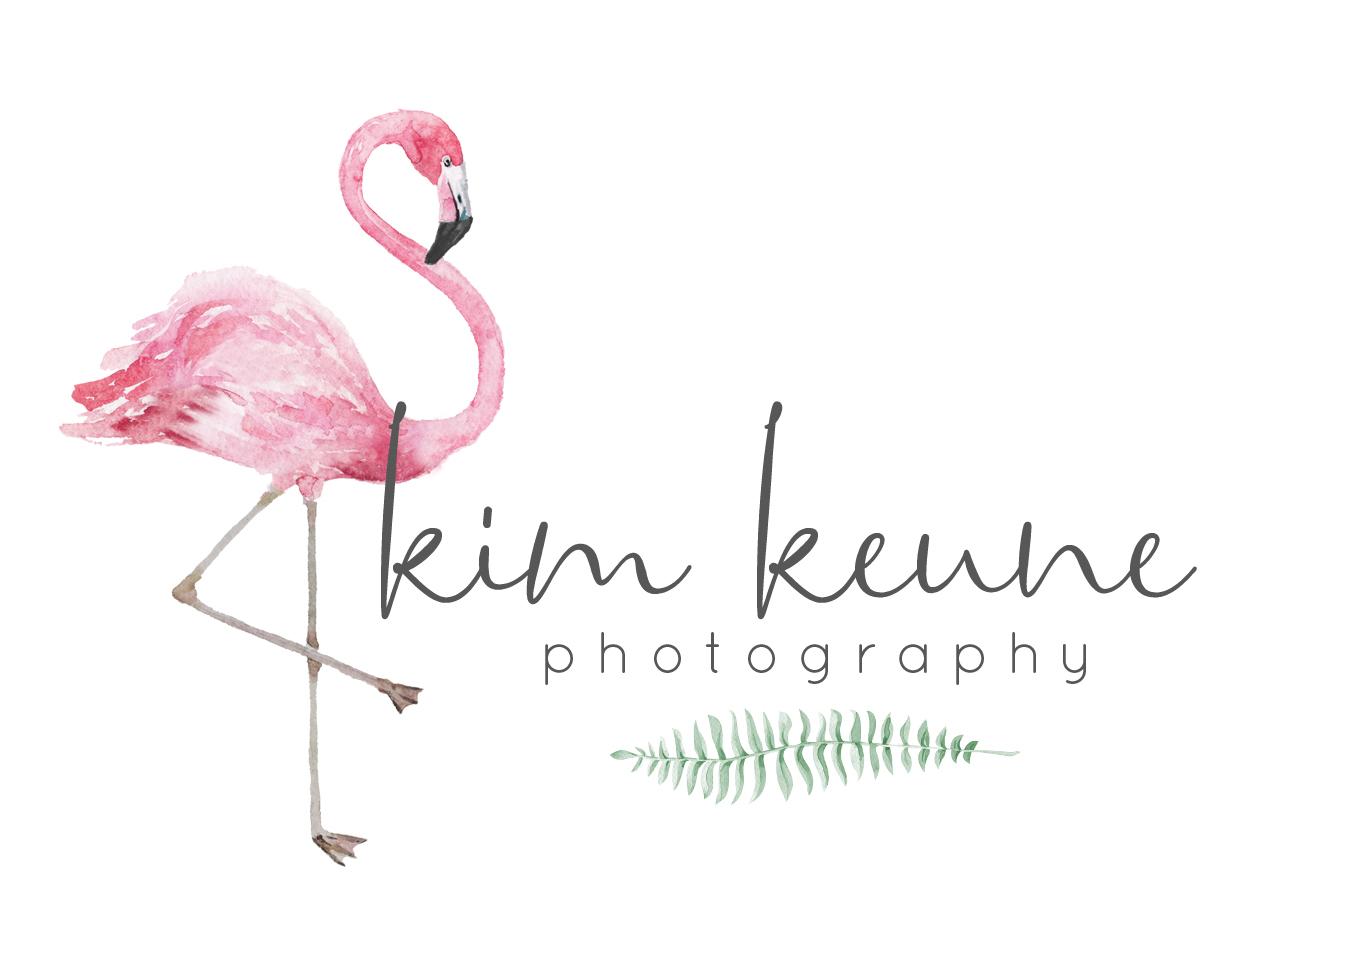 Kim Keune Photography